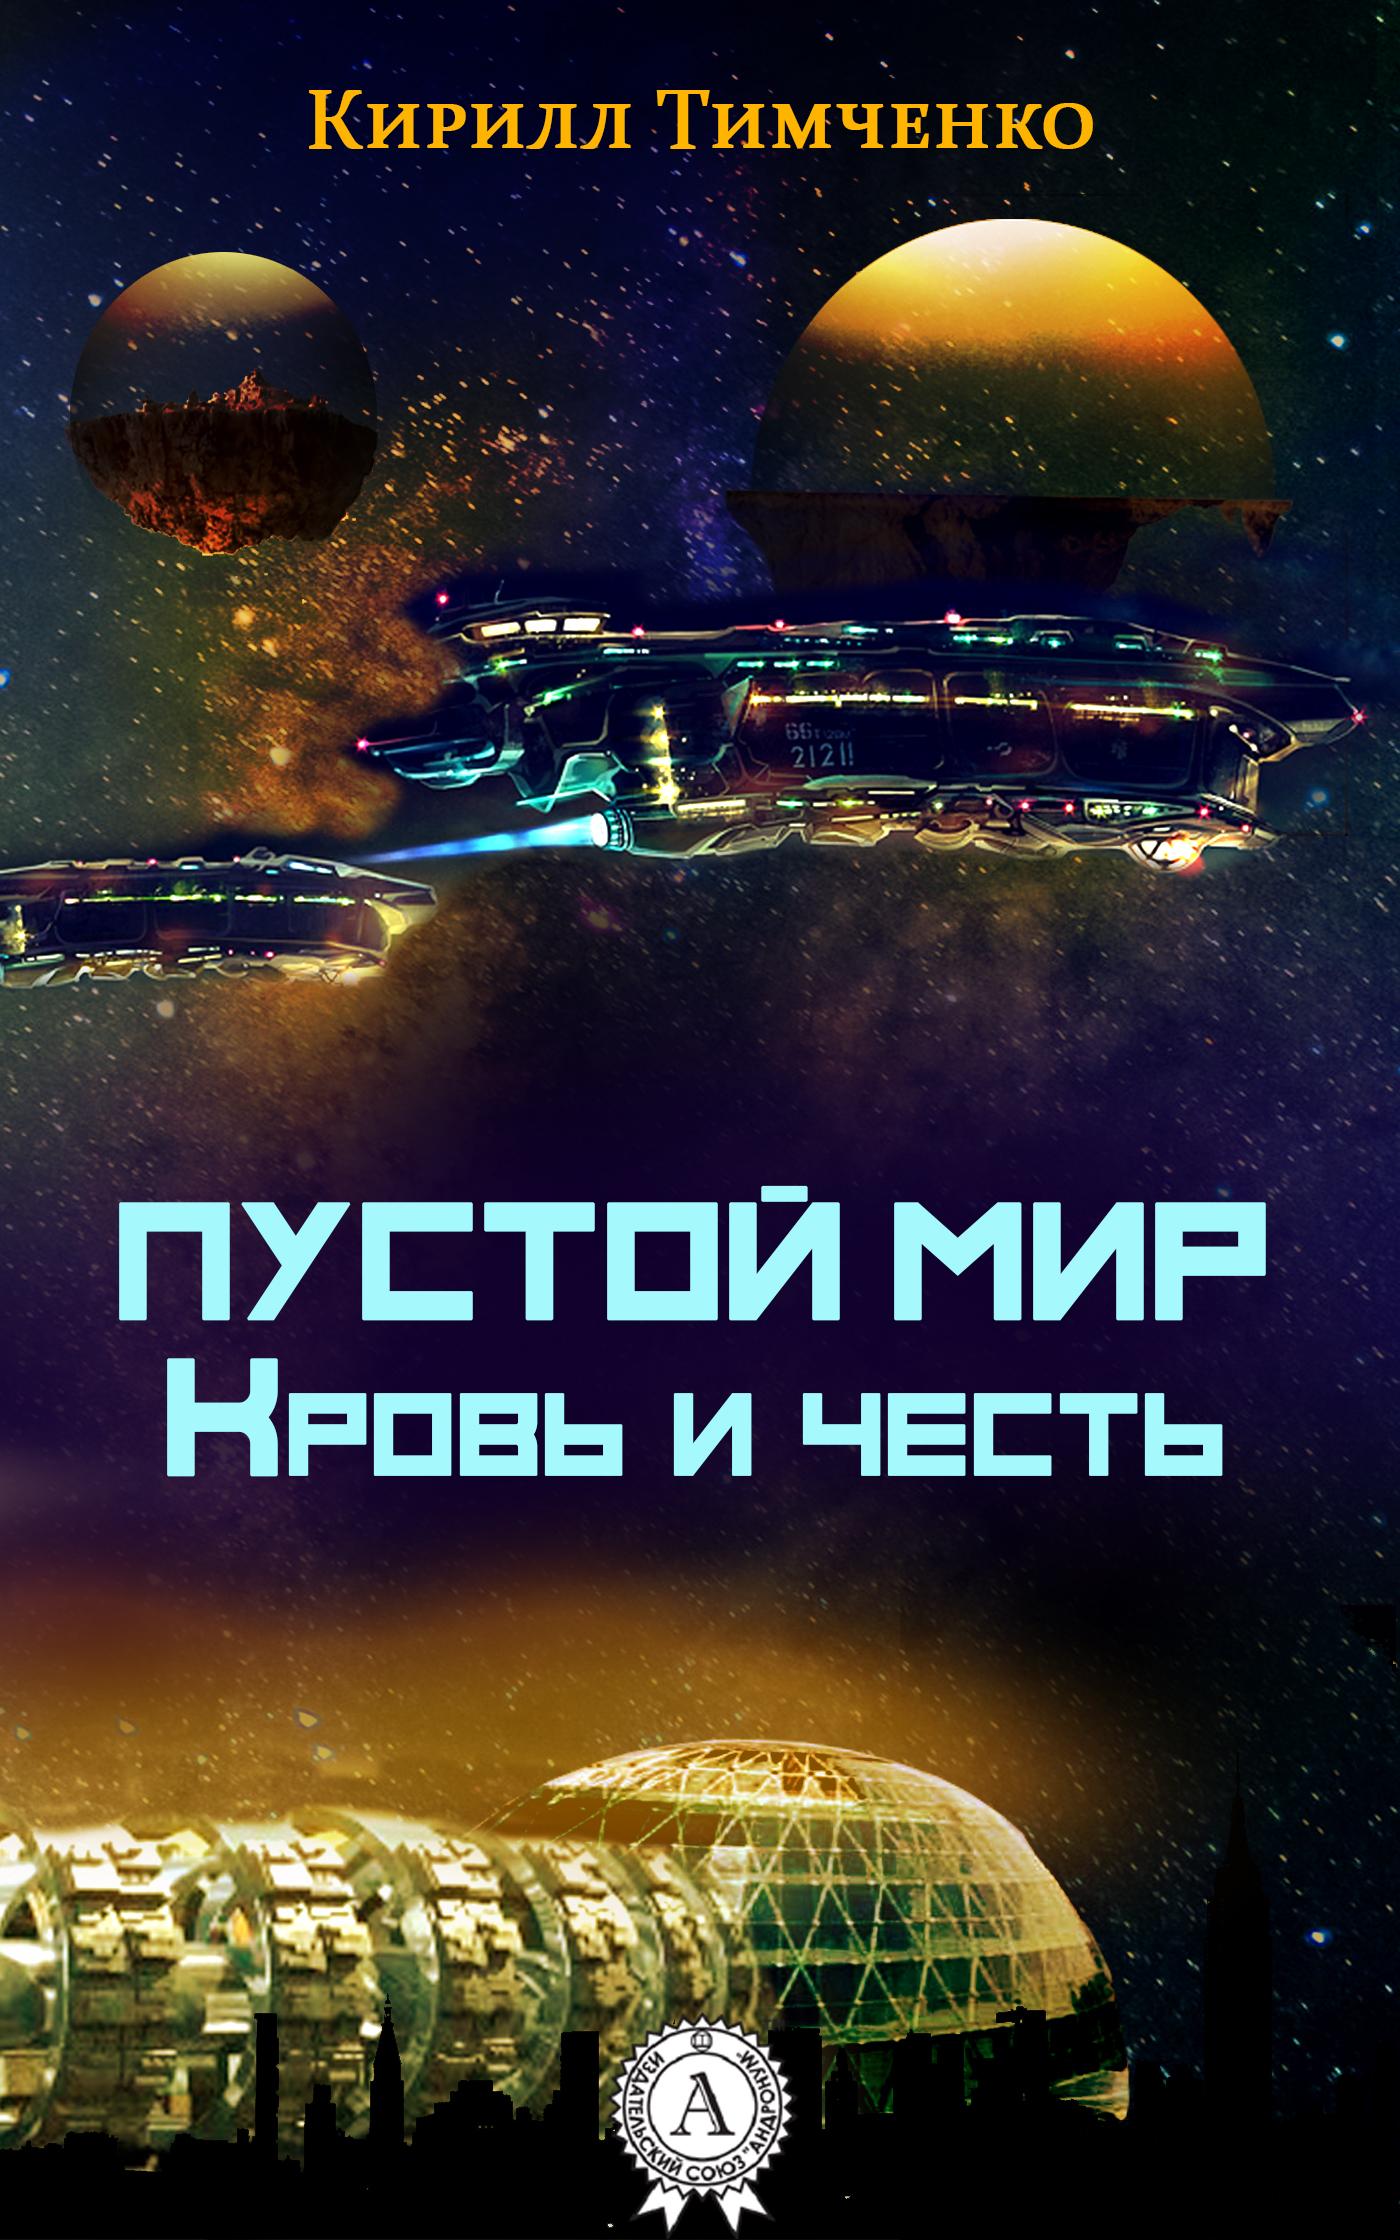 занимательное описание в книге Кирилл Тимченко